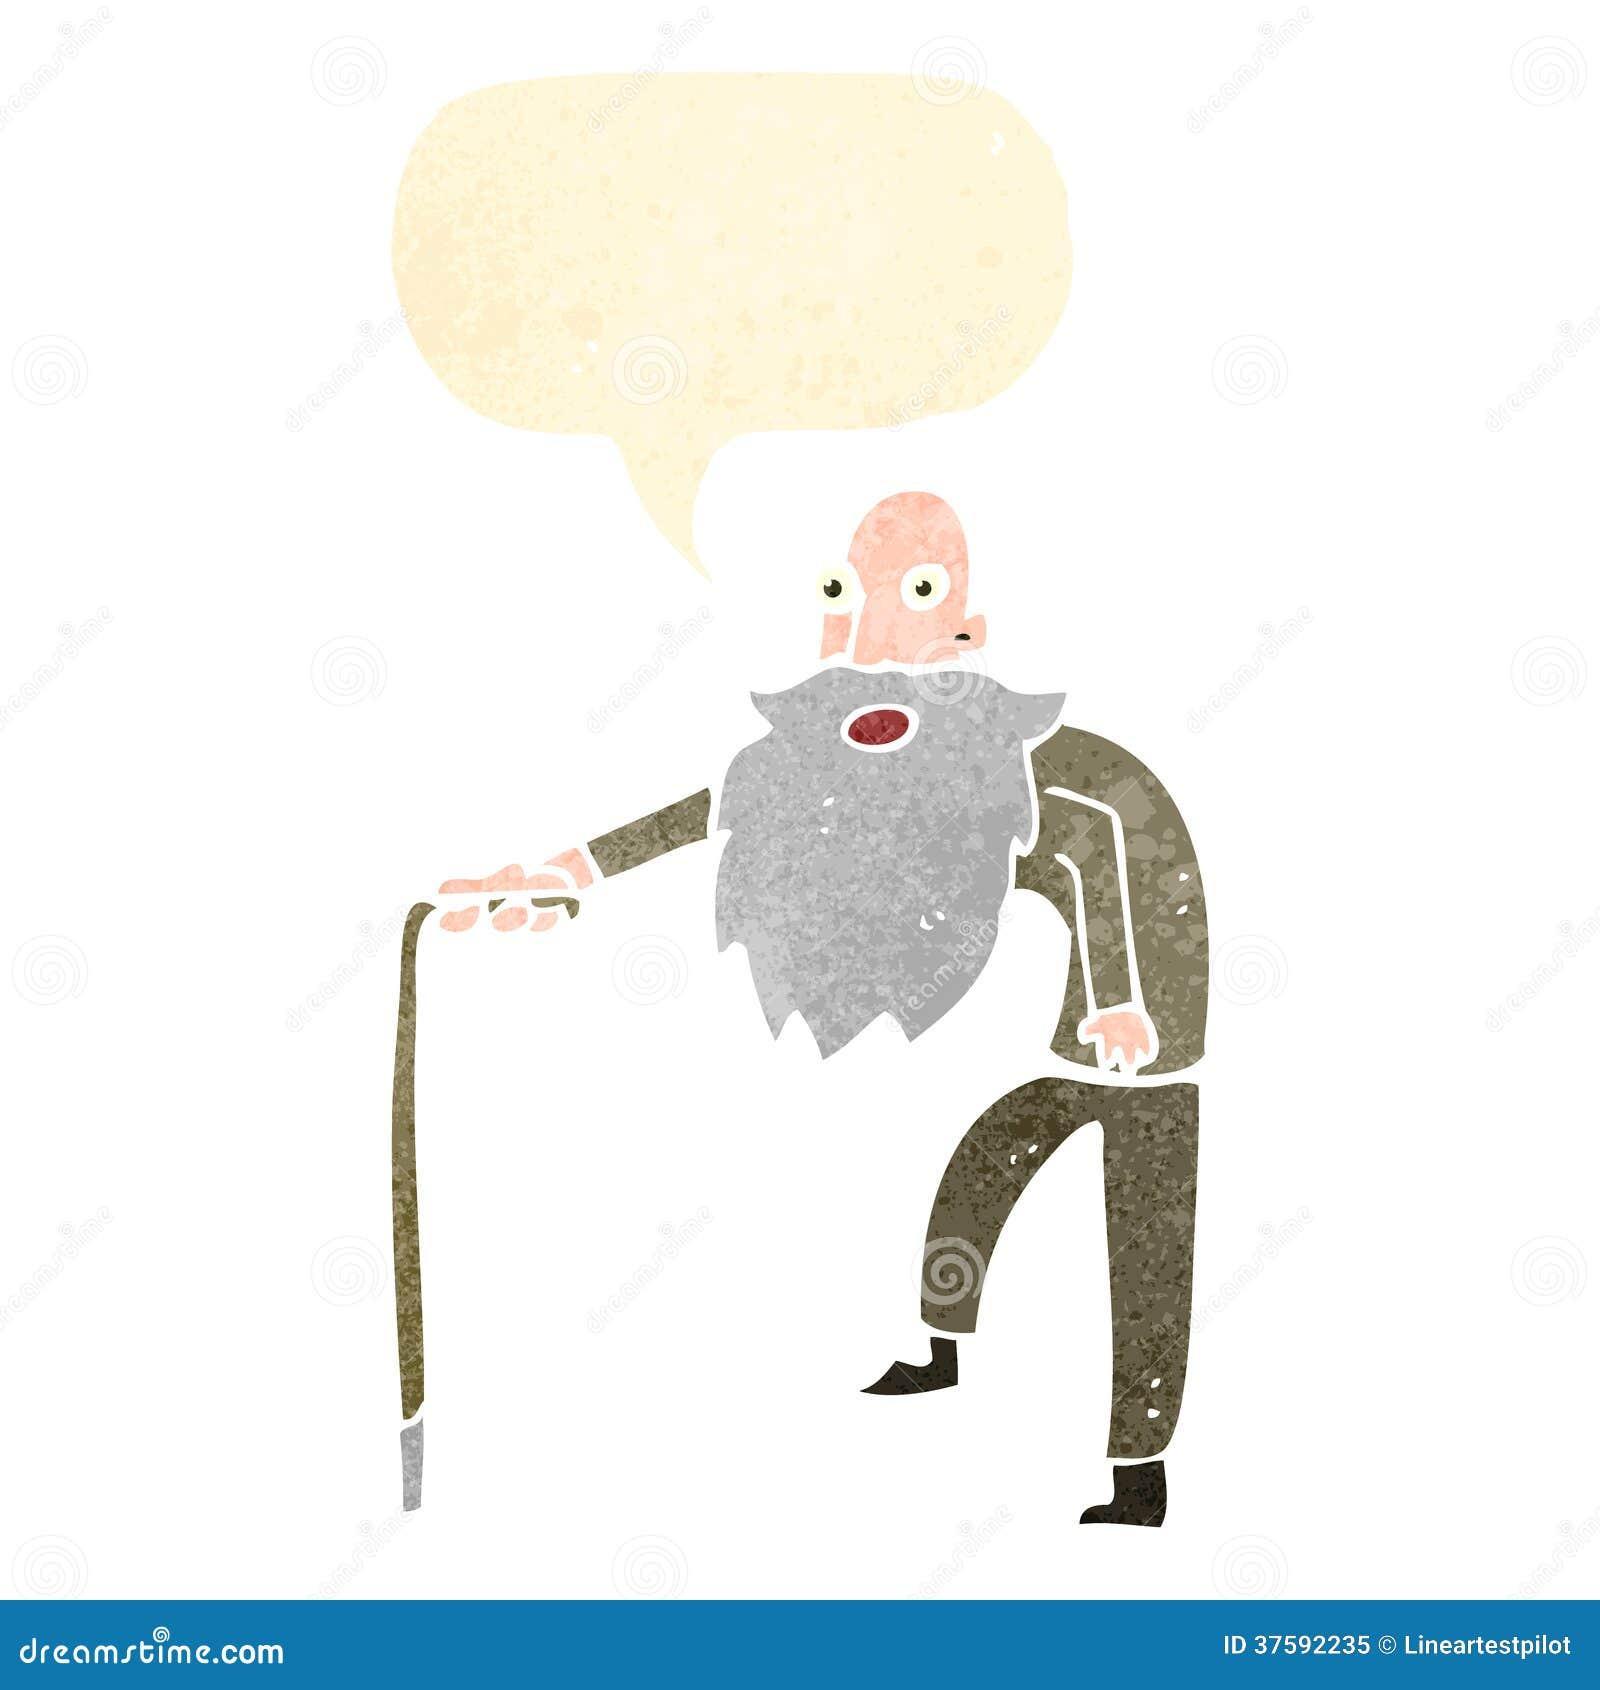 retro cartoon old man with Old Man Walking Cartoon